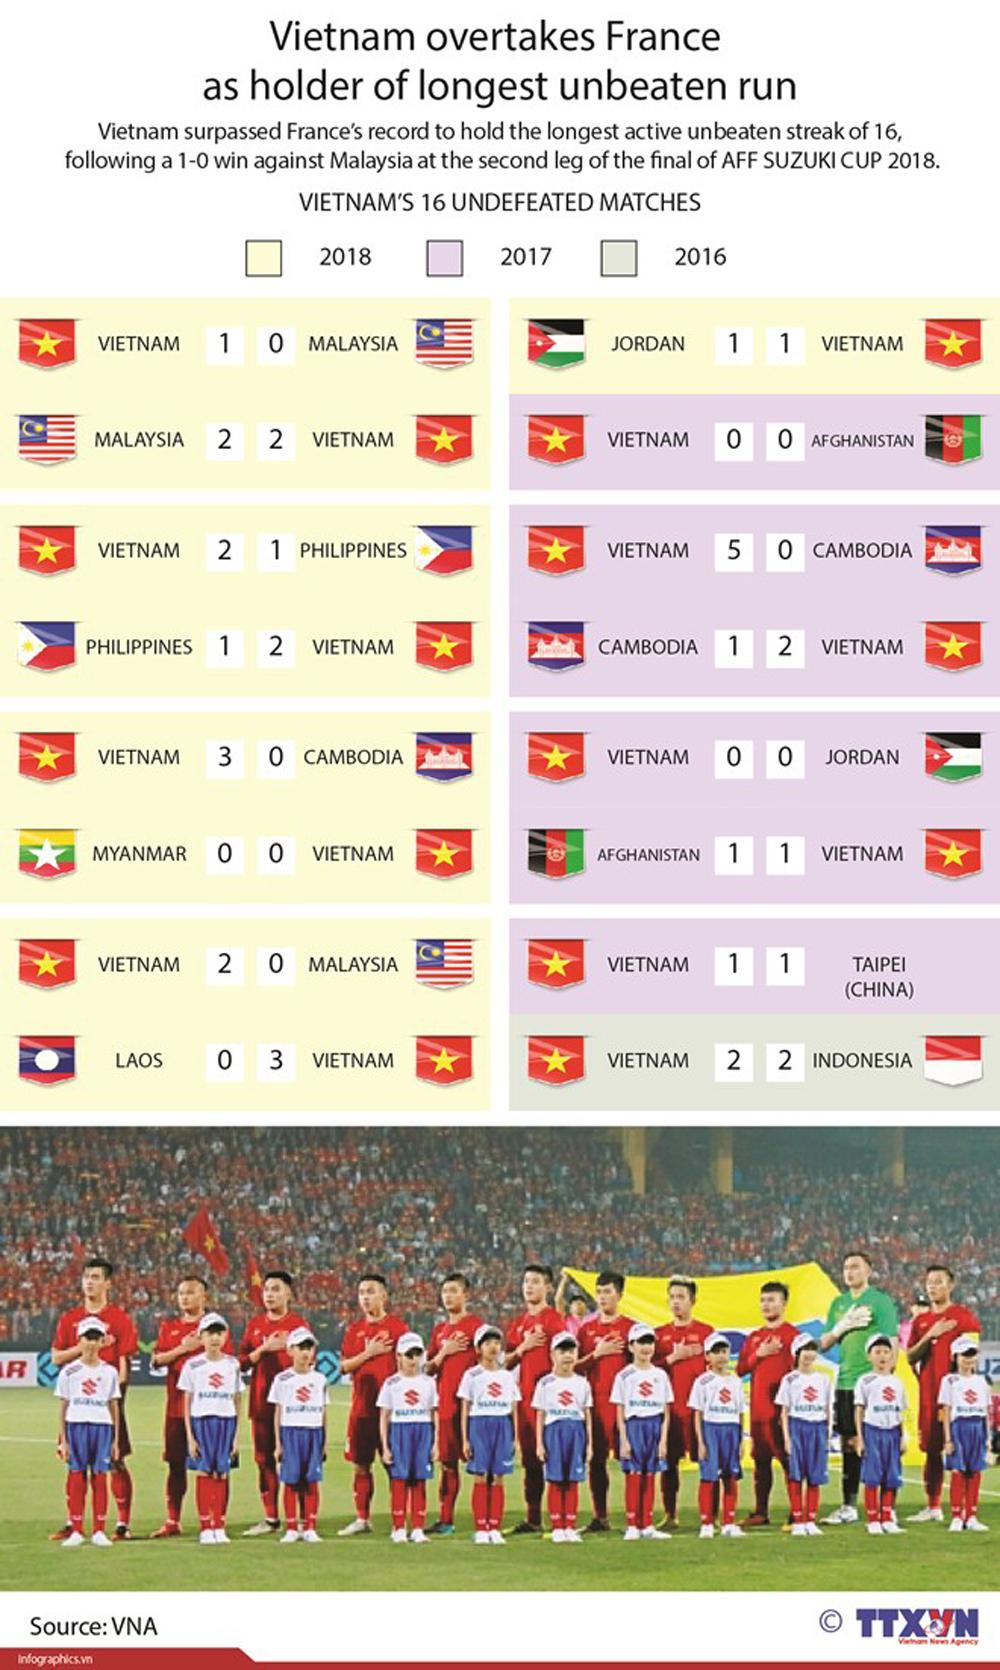 Vietnam, France, longest unbeaten run, France's record, unbeaten streak, second leg, final match, Suzuki Cup